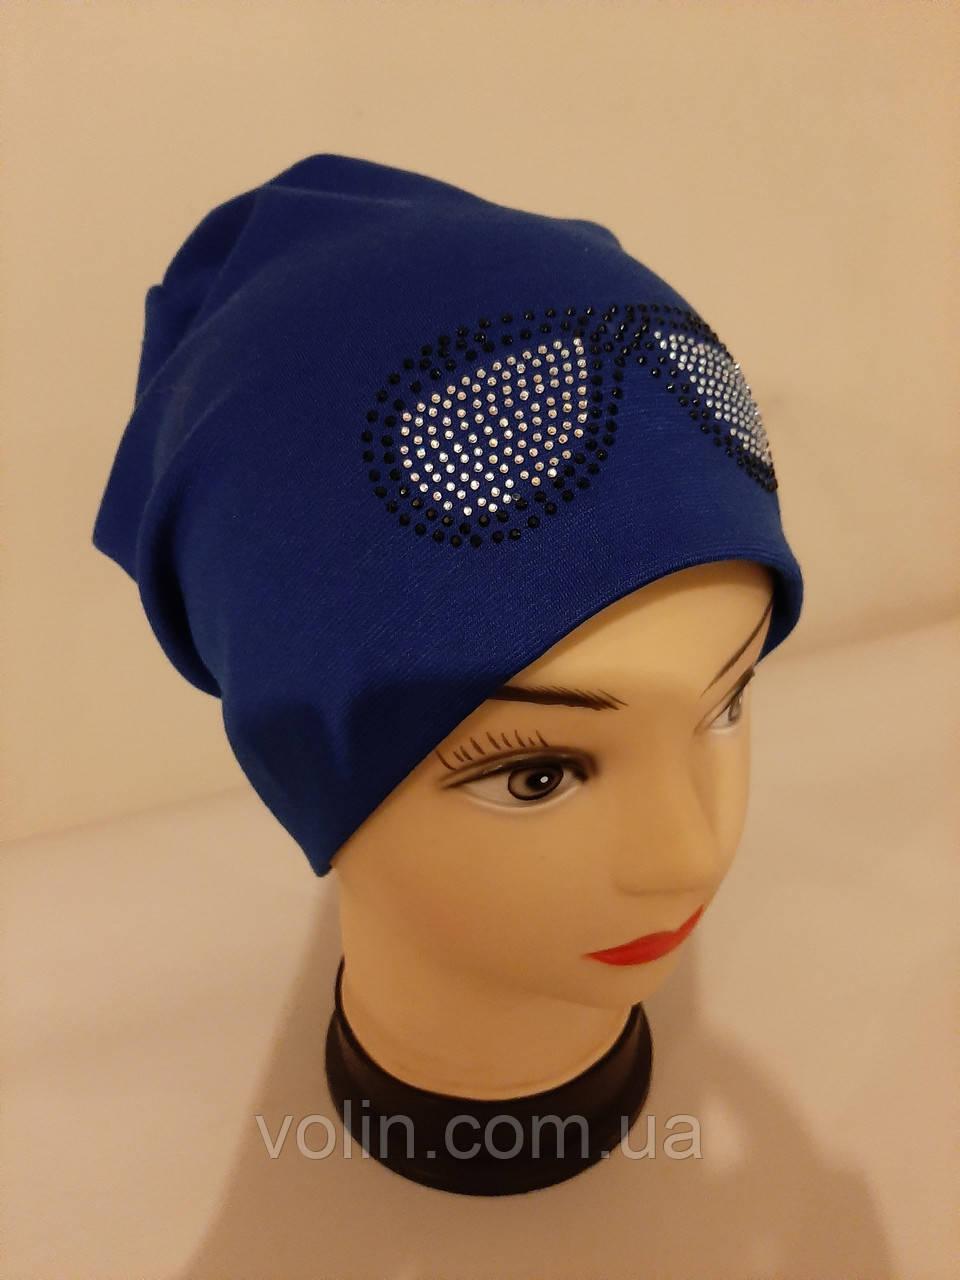 Женская трикотажная шапка .